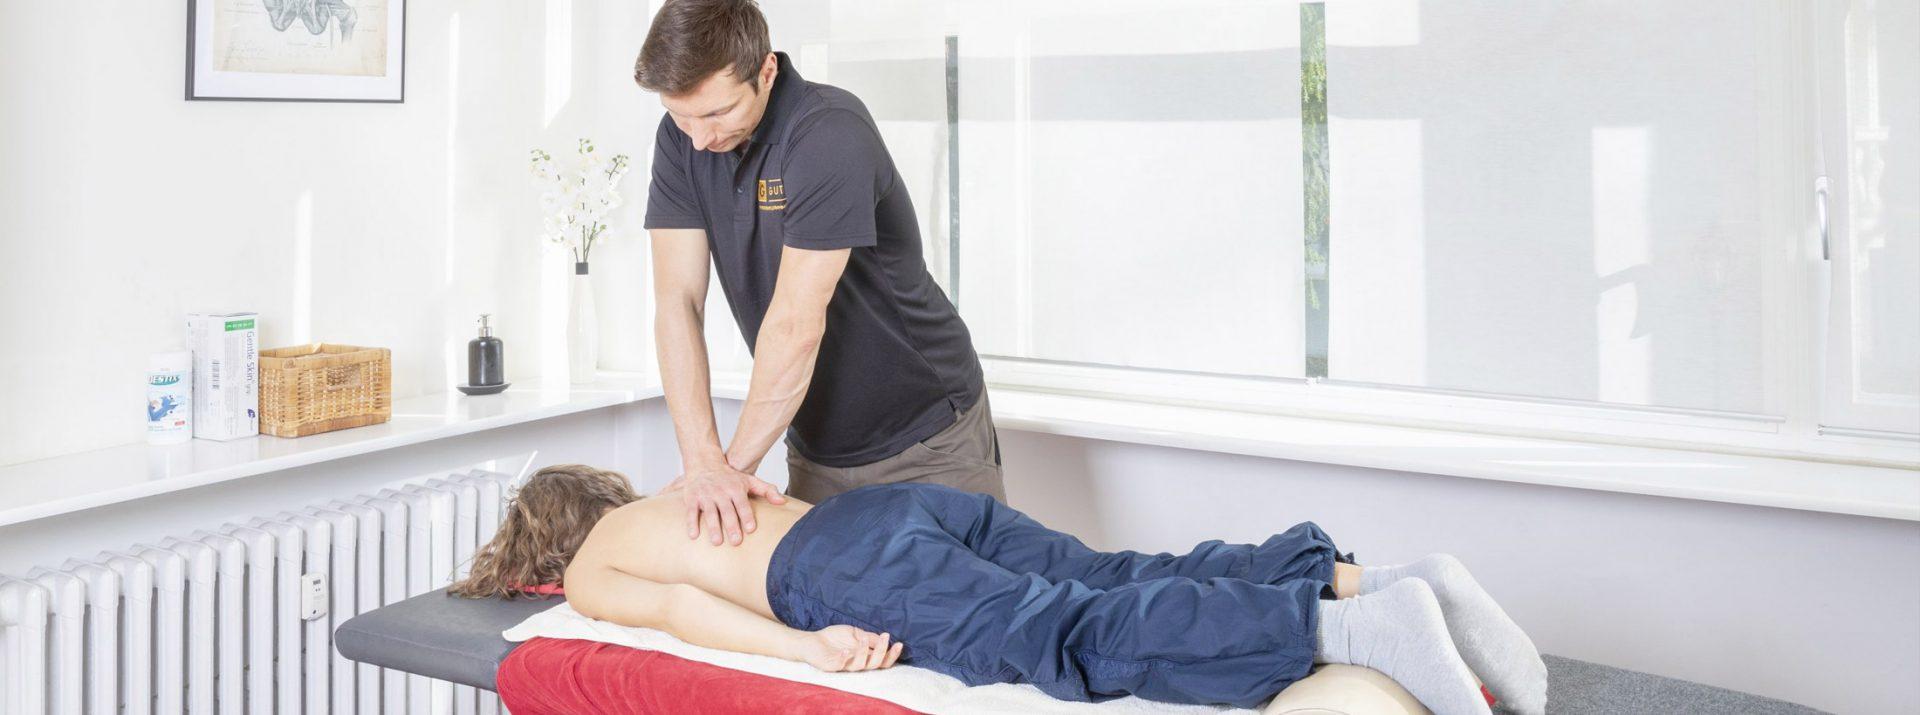 Unser Therapieangebot ist auf dem neusten Stand und individuell auf Ihre Genesung ausgerichtet.